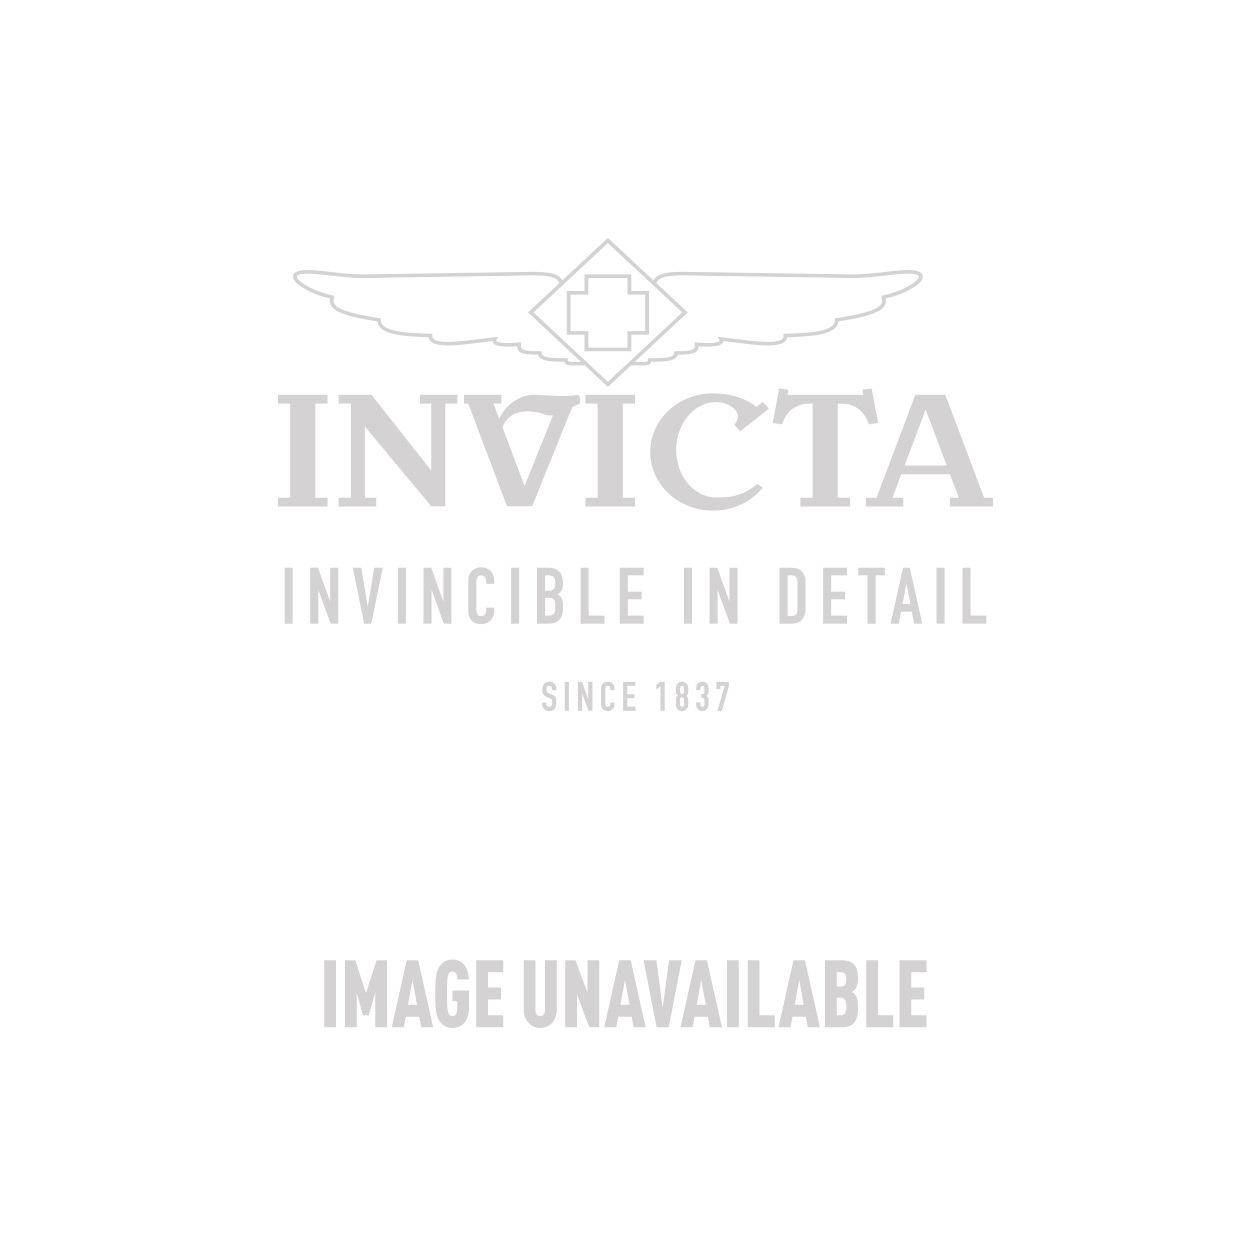 Invicta Model 29078